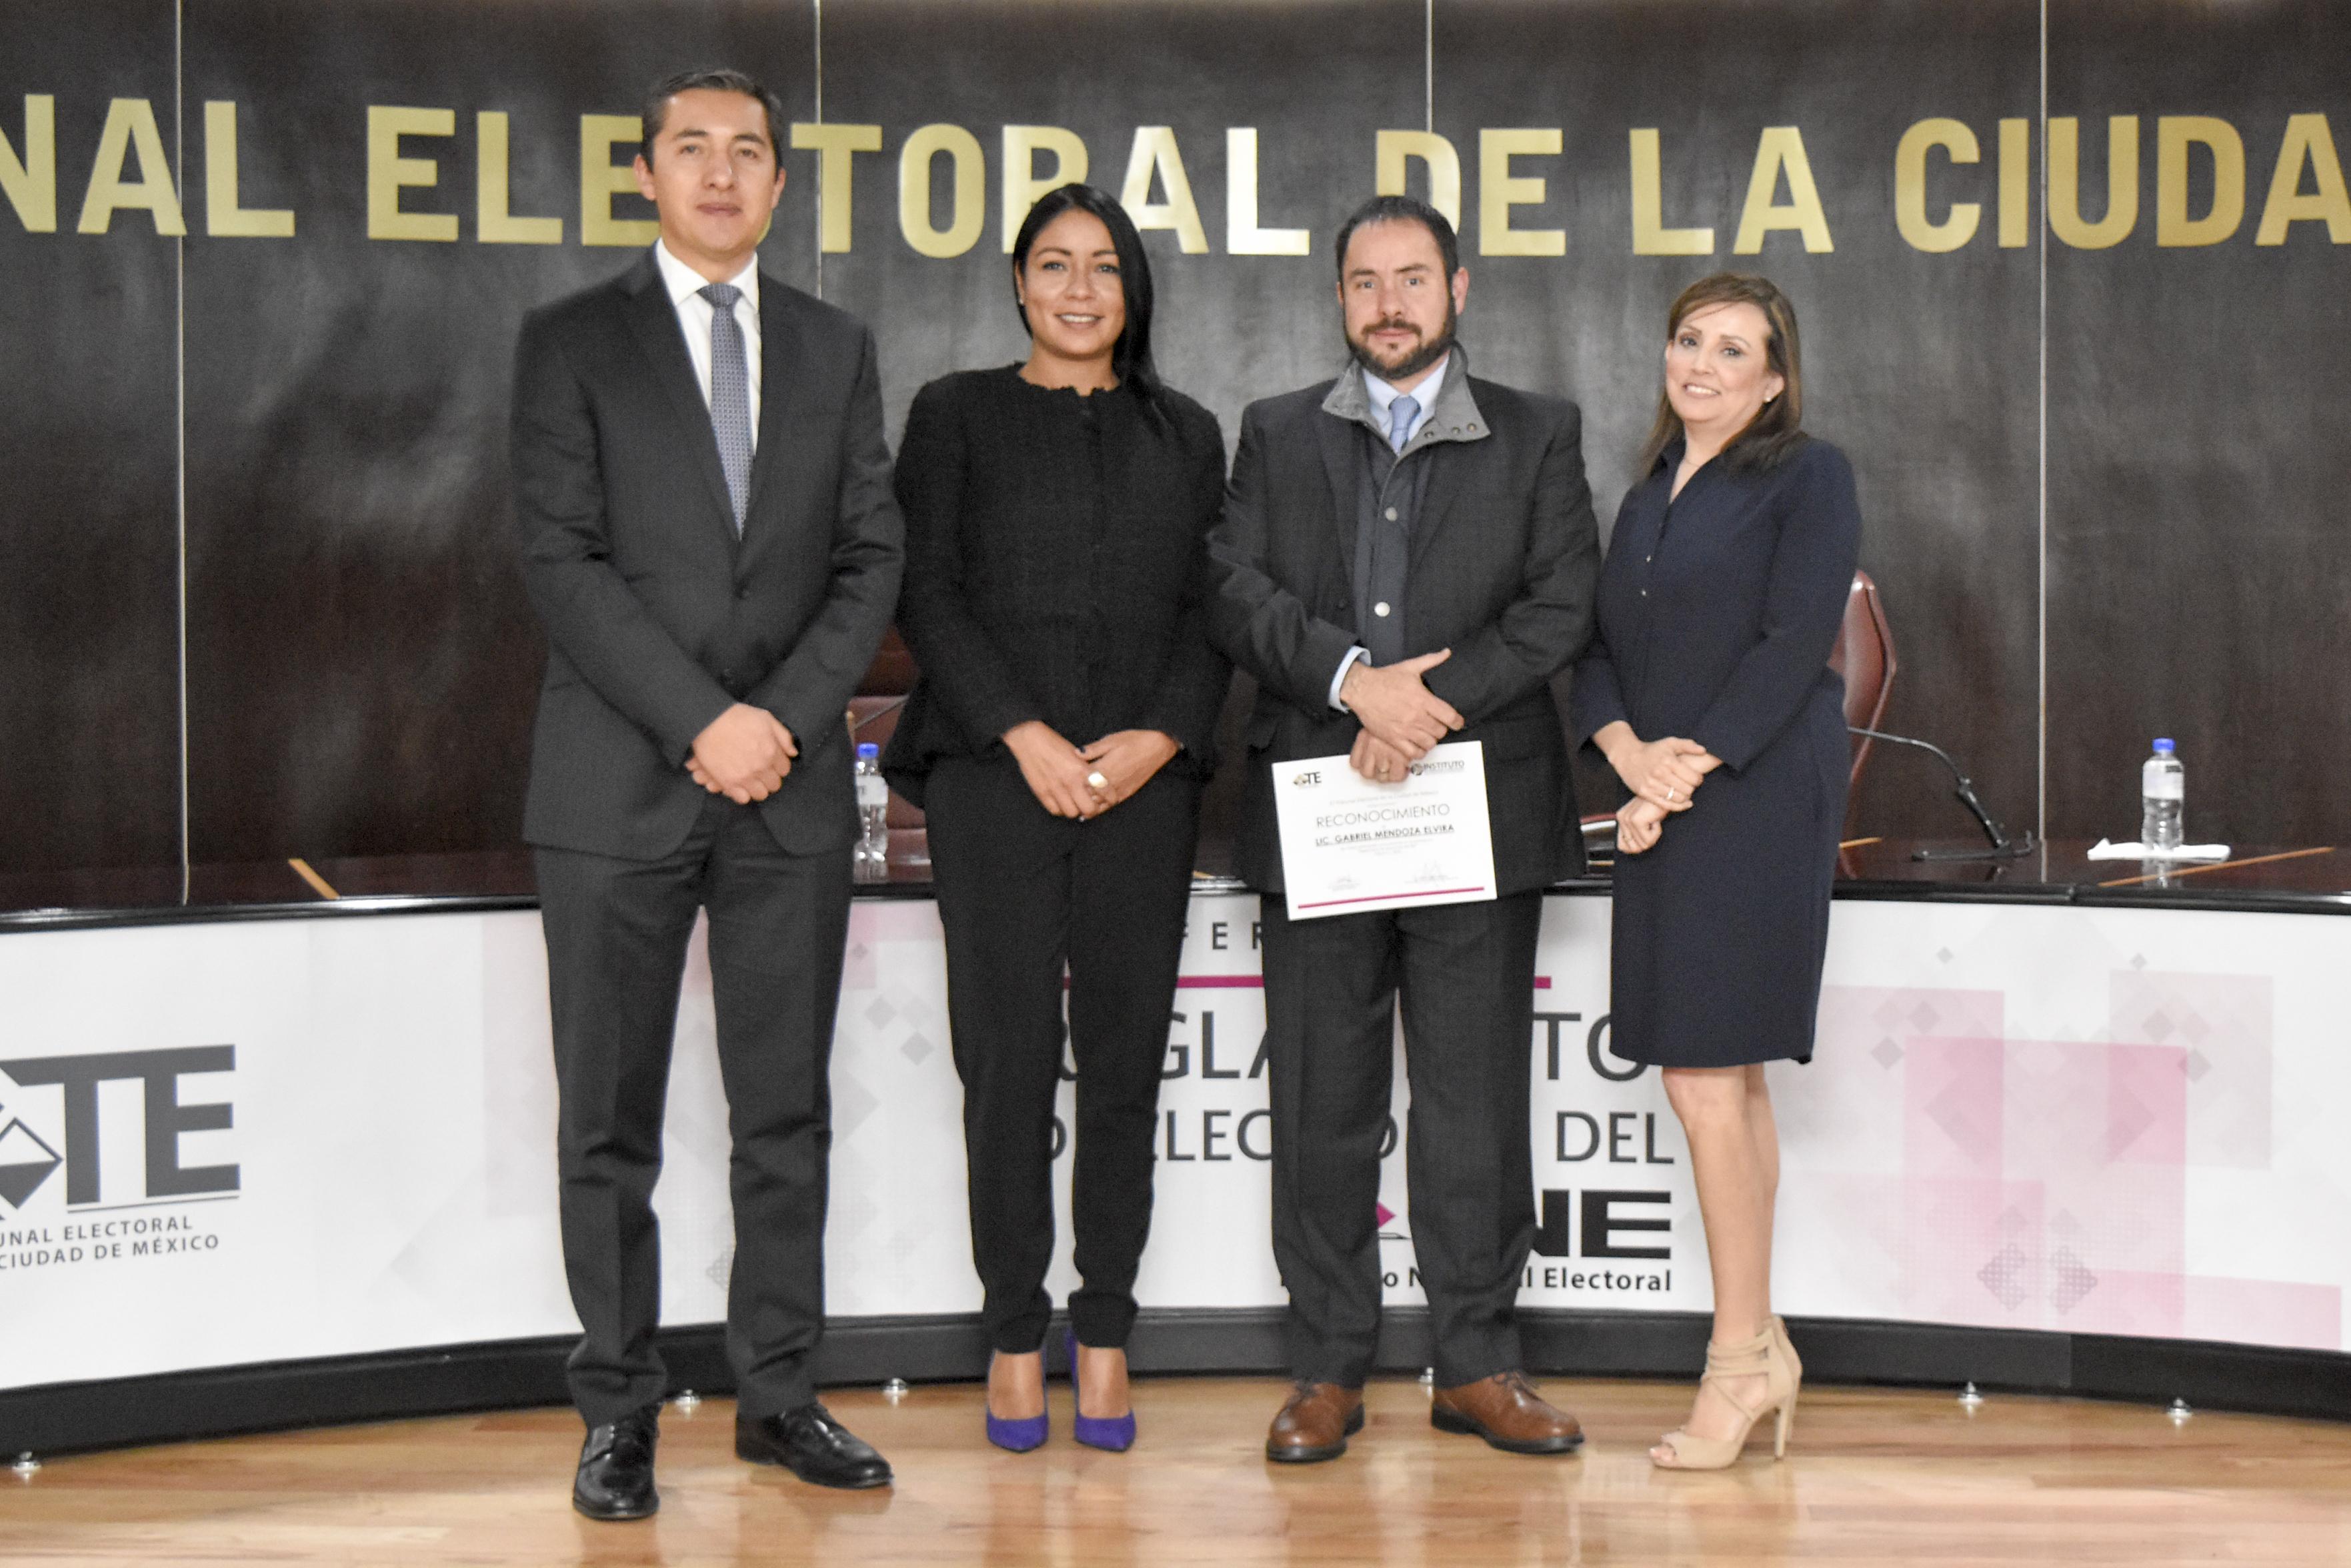 Busca TECDMX dar certidumbre a la ciudadanía en el proceso electoral